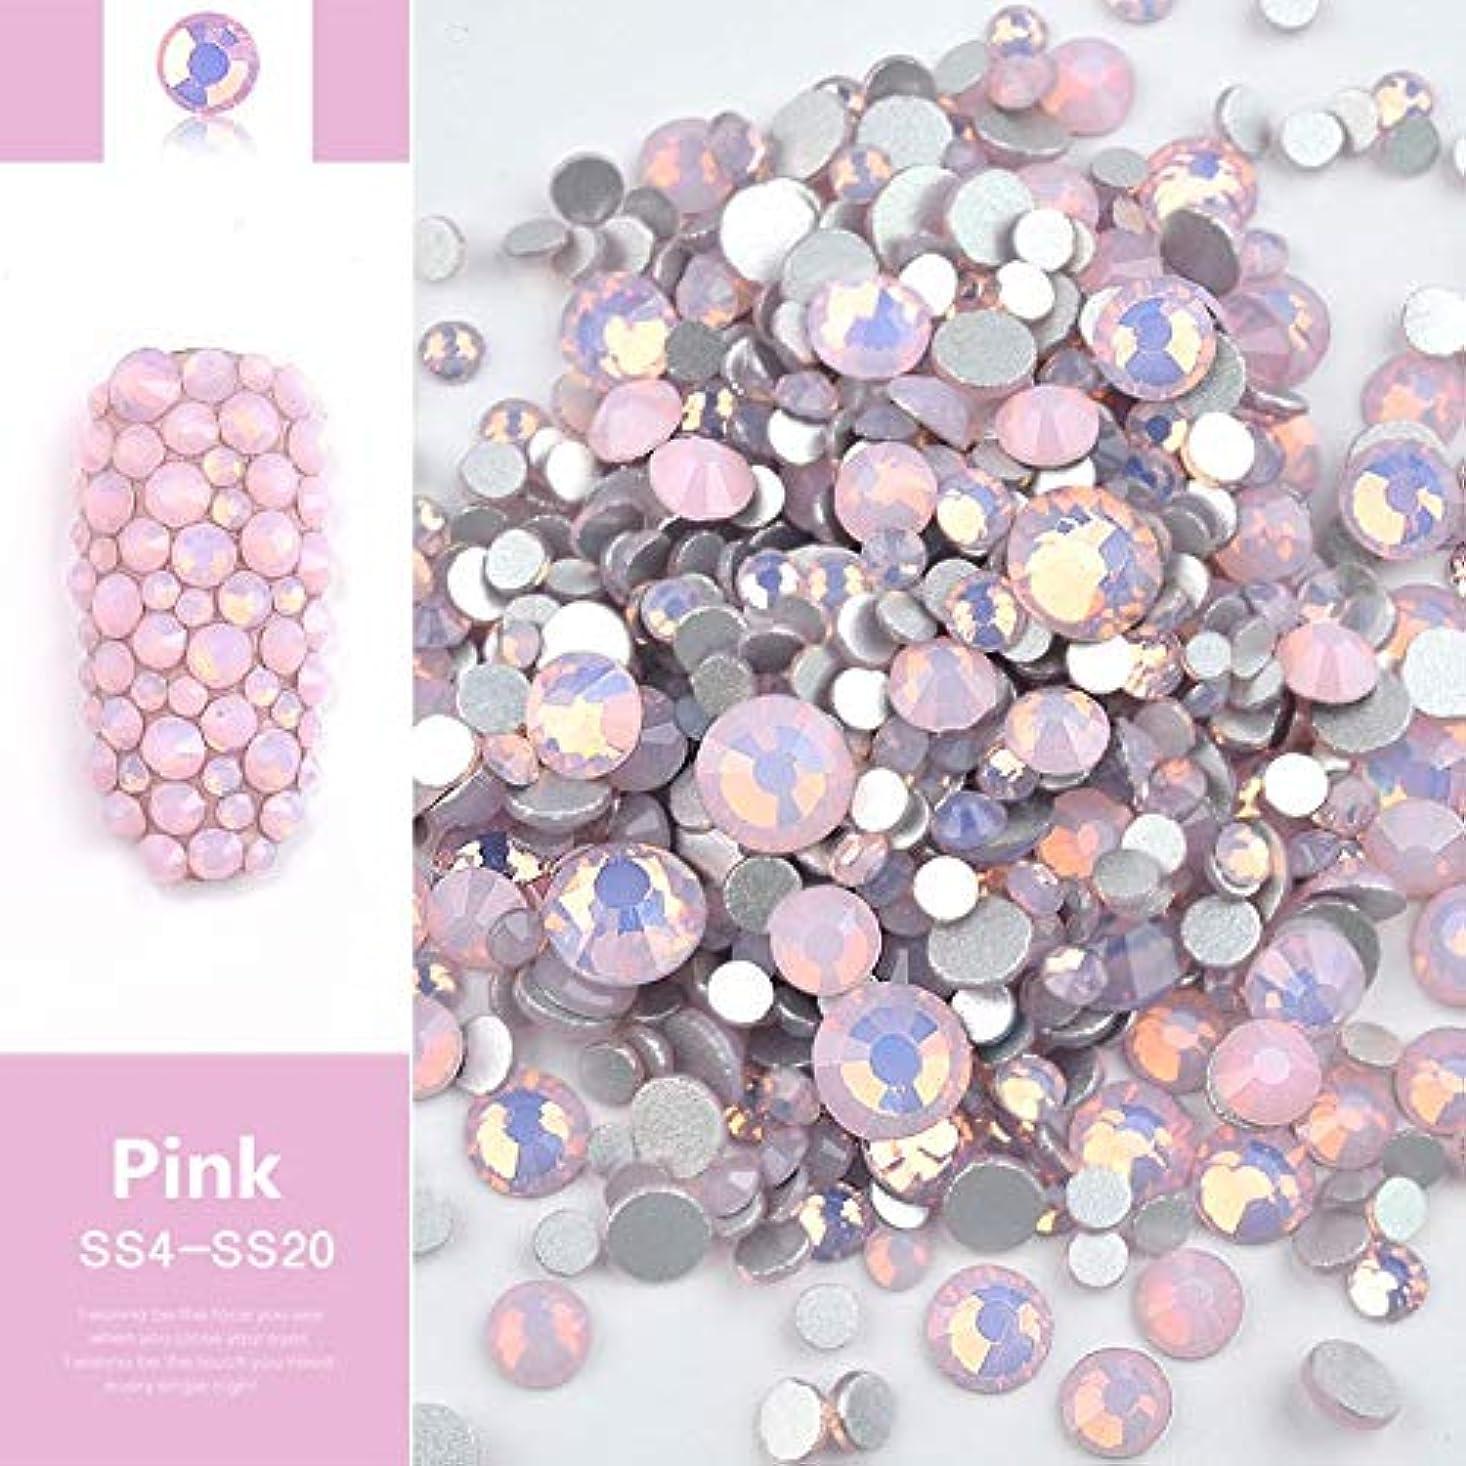 ジャケットカビあなたが良くなりますKerwinner ビーズ樹脂クリスタルラウンドネイルアートミックスフラットバックアクリルラインストーンミックスサイズ1.5-4.5 mm装飾用ネイル (Color : Pink)